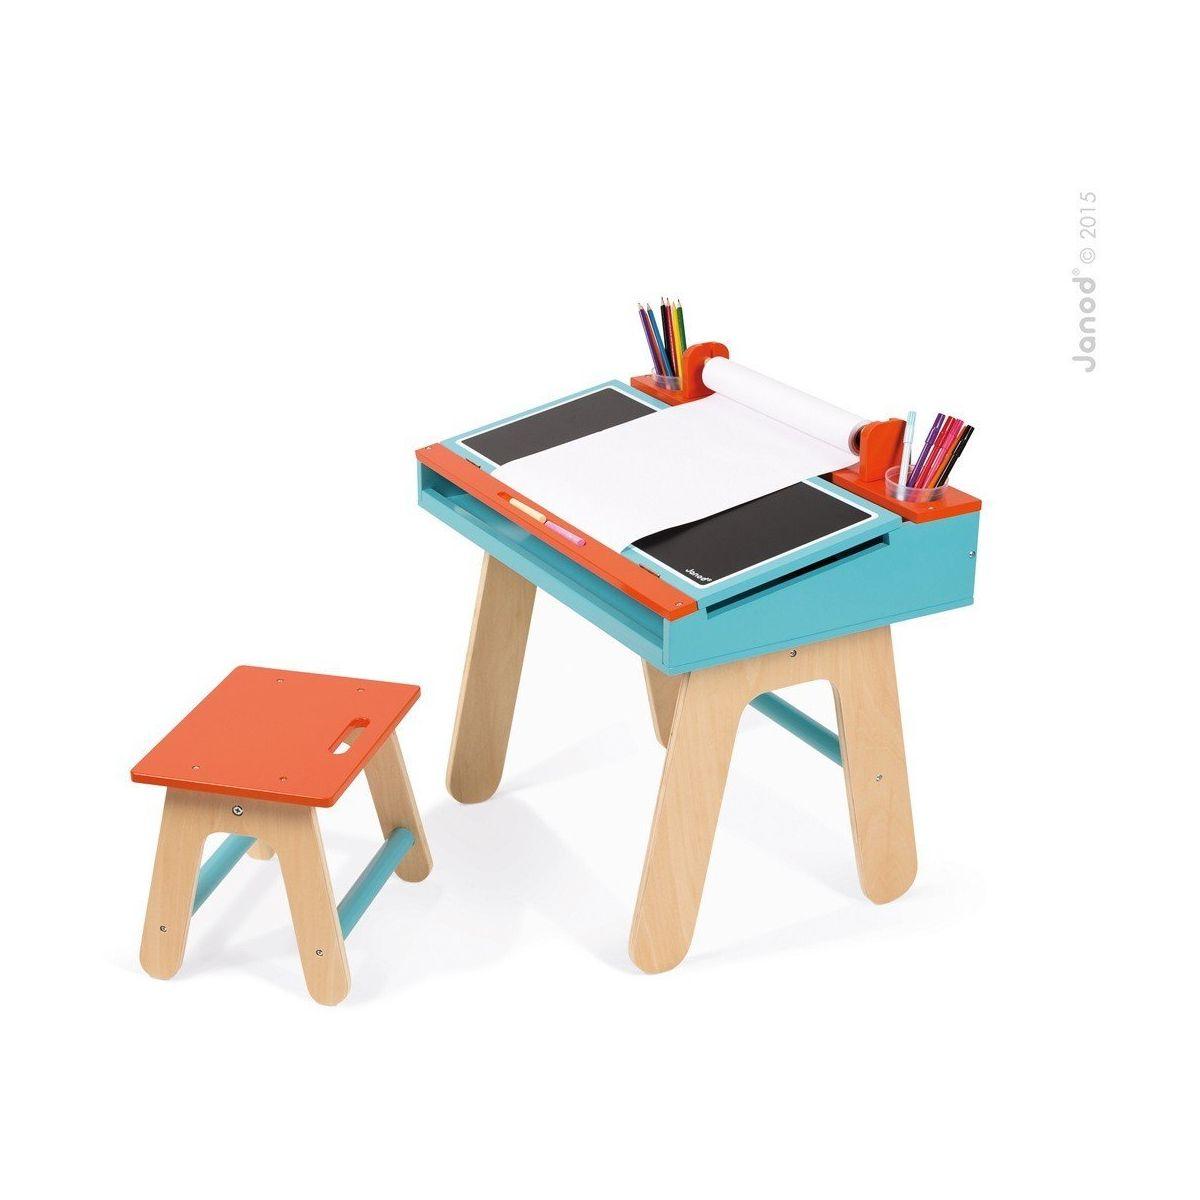 Bureau d 39 colier bleu et orange sebio - Bureau enfant 3 ans ...